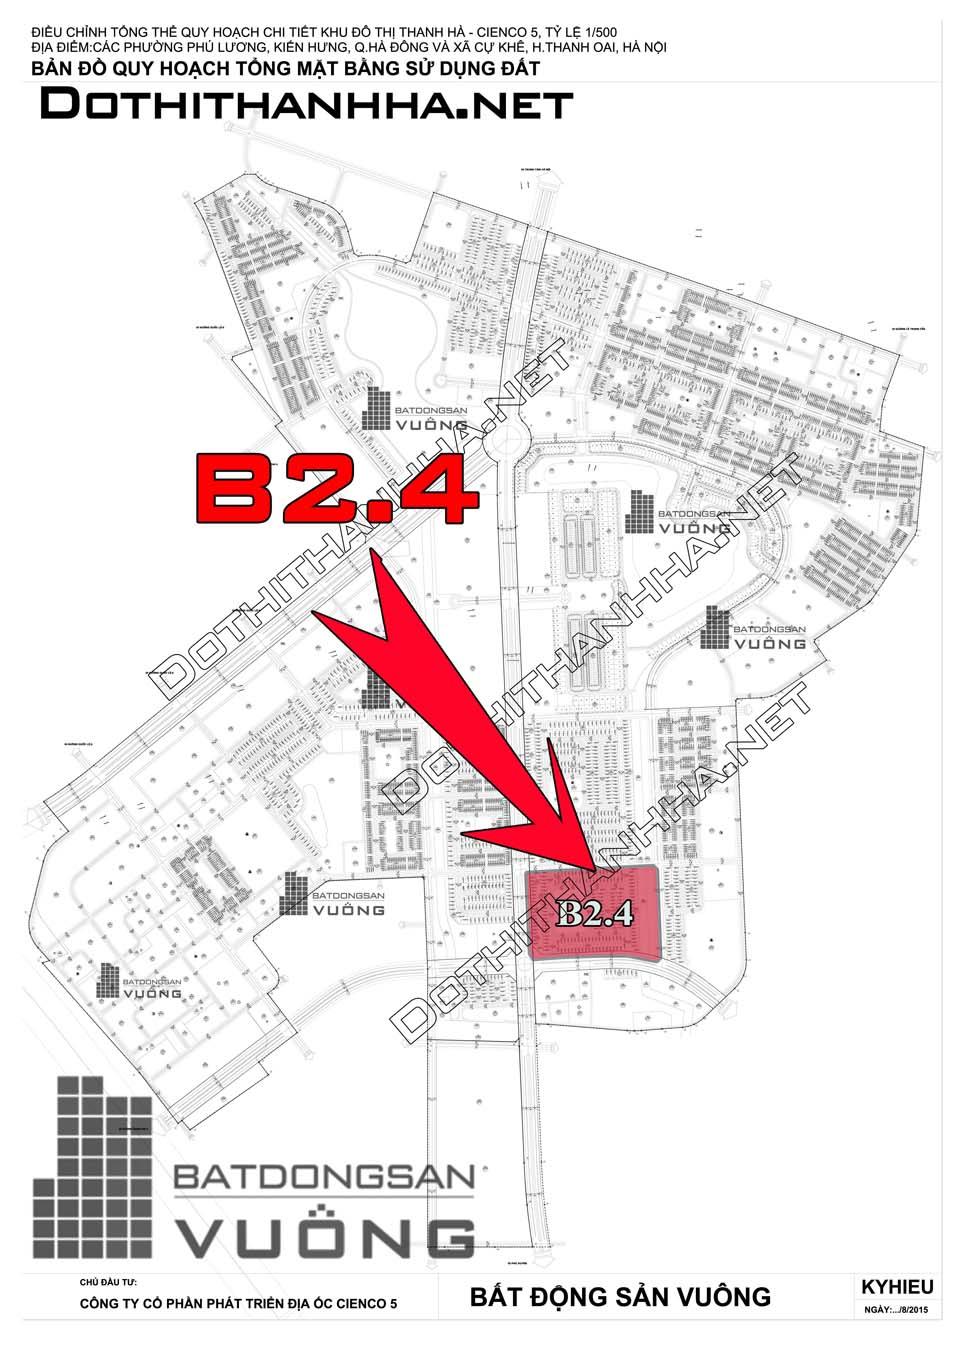 Bán Liền kề phân khu B2.4 lô BT05, mặt đường 50m, hướng nhà Tây, Khu Đô Thị Thanh Hà Cienco 5 - Mường Thanh [#H1290.1102]